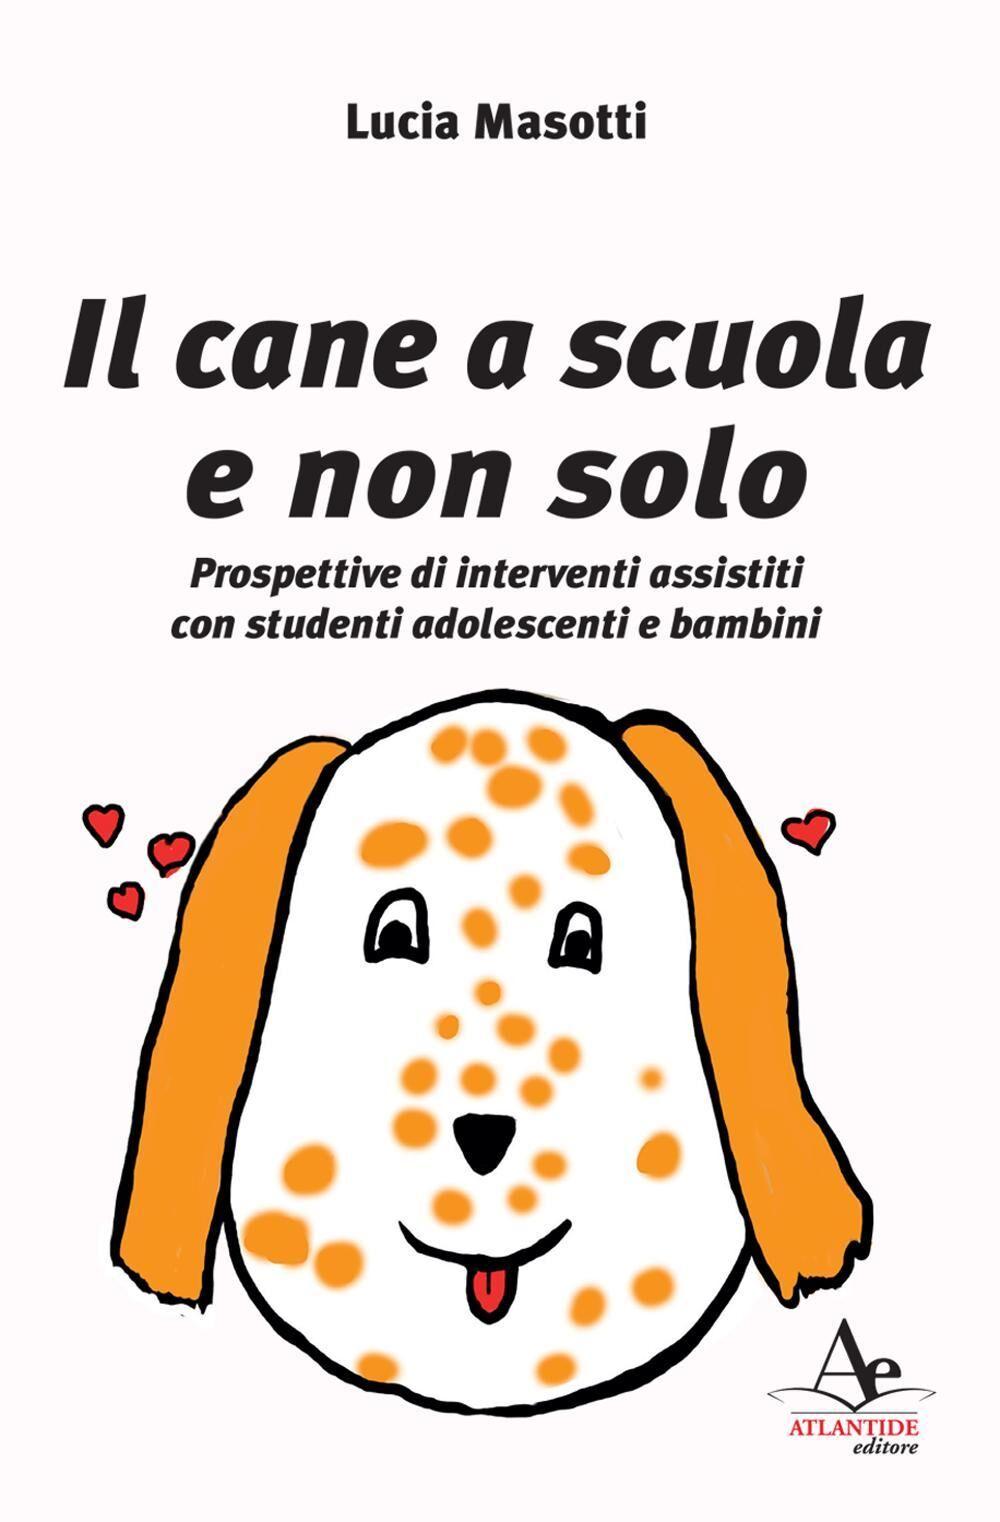 Il cane a scuola e non solo. Prospettive di interventi assistiti con studenti adolescenti e bambini